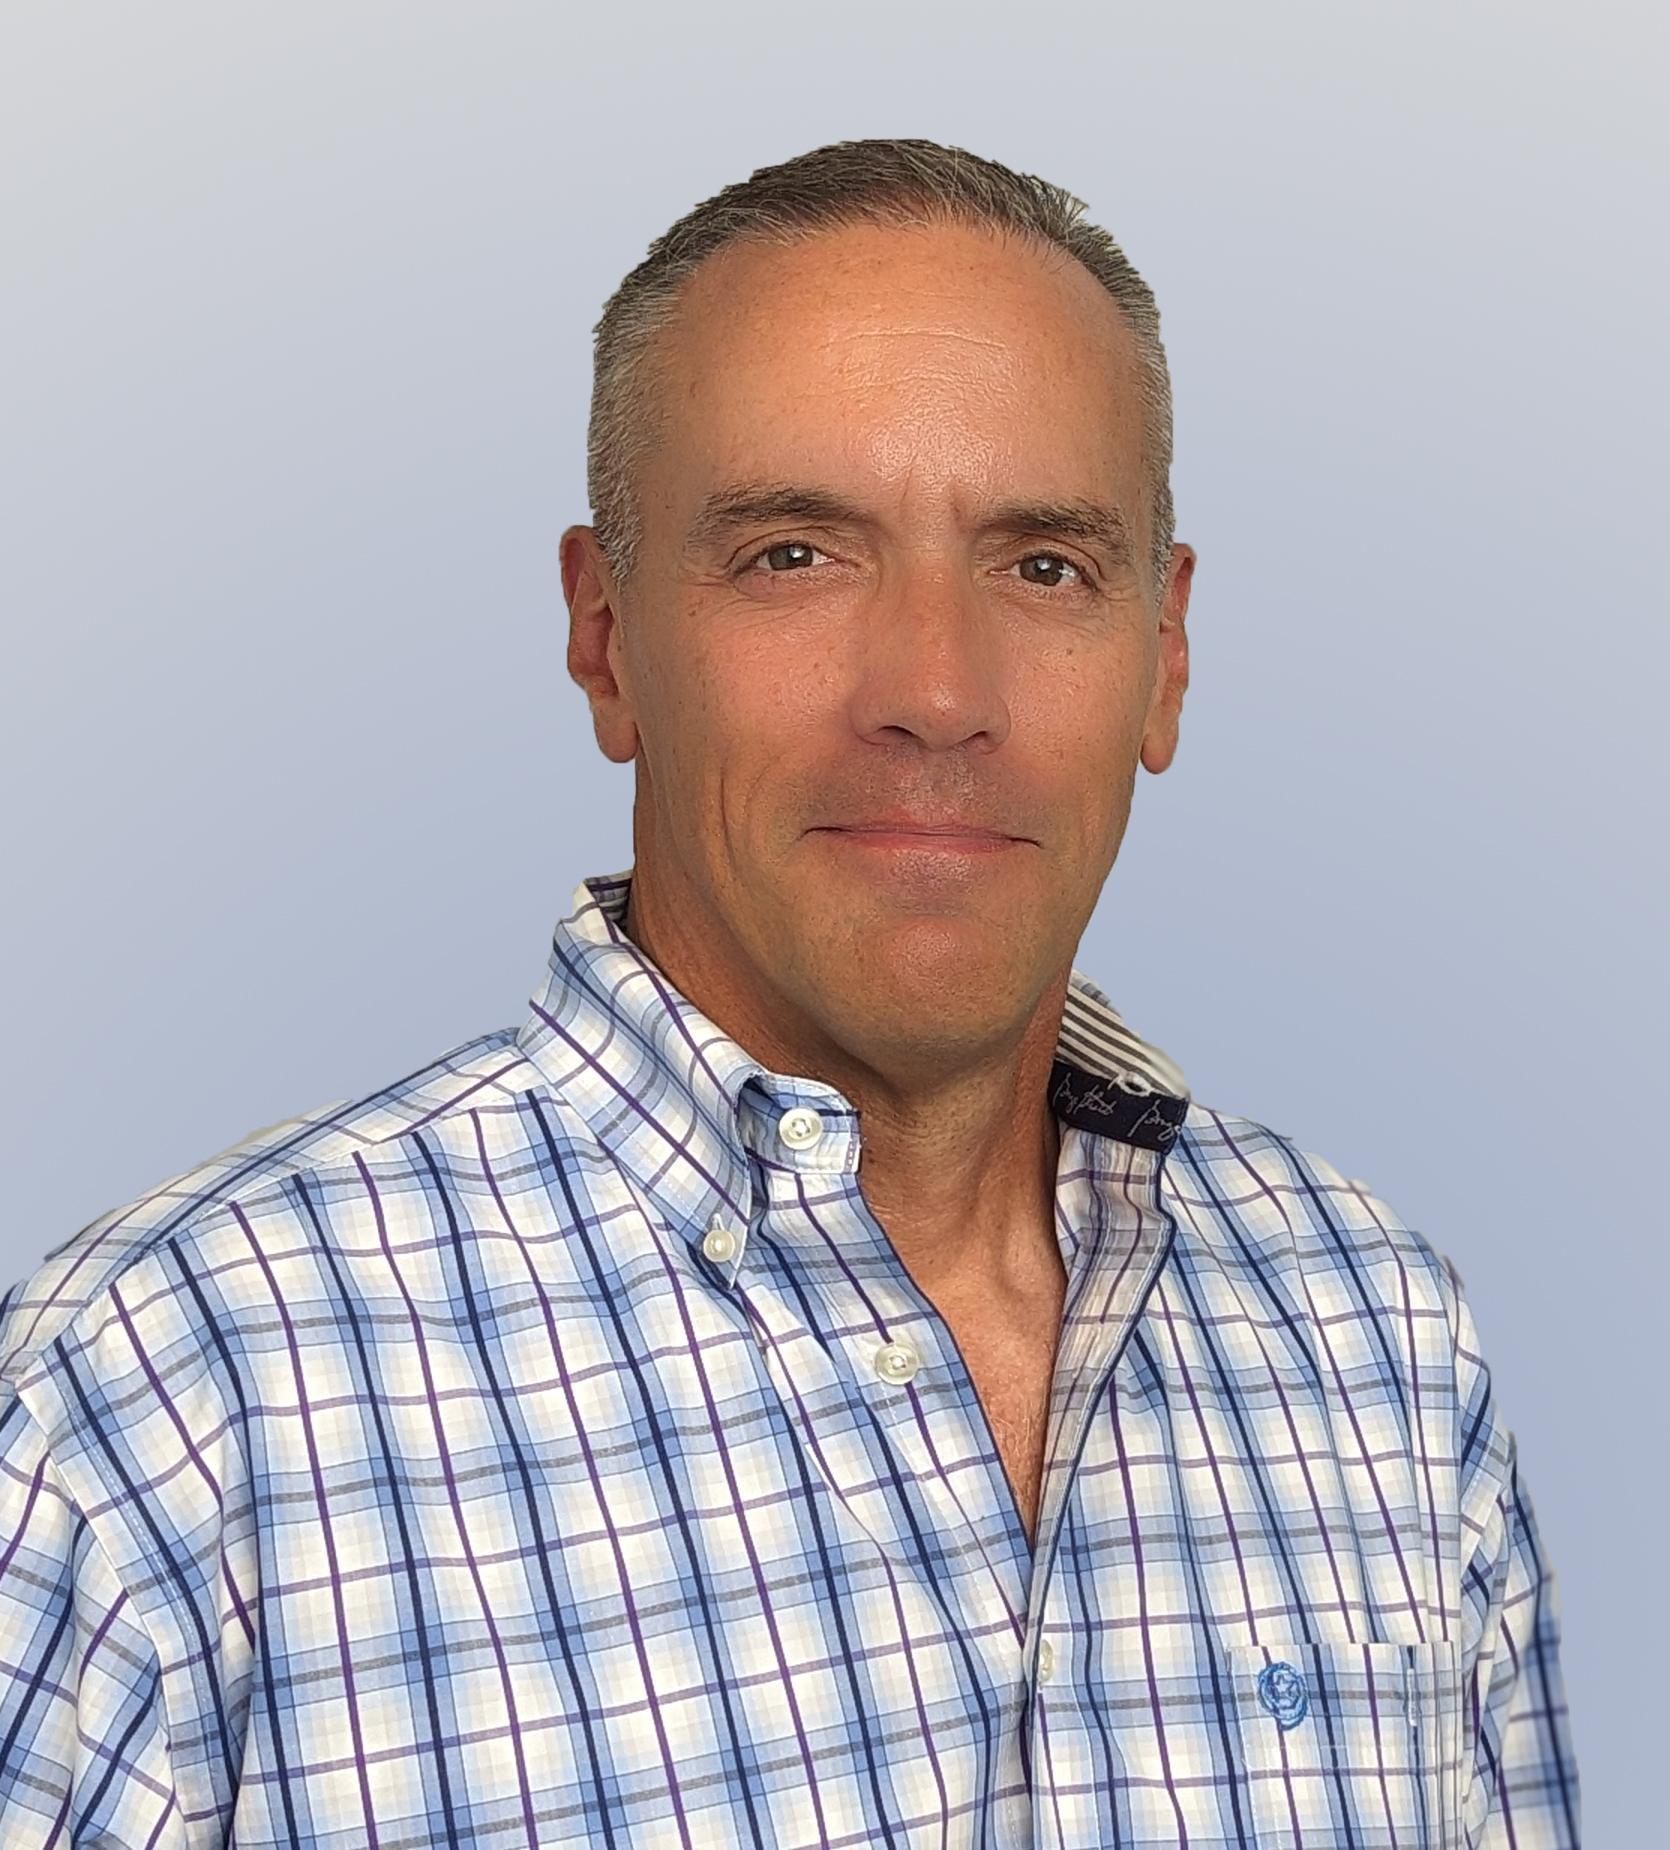 Keith Burrhus